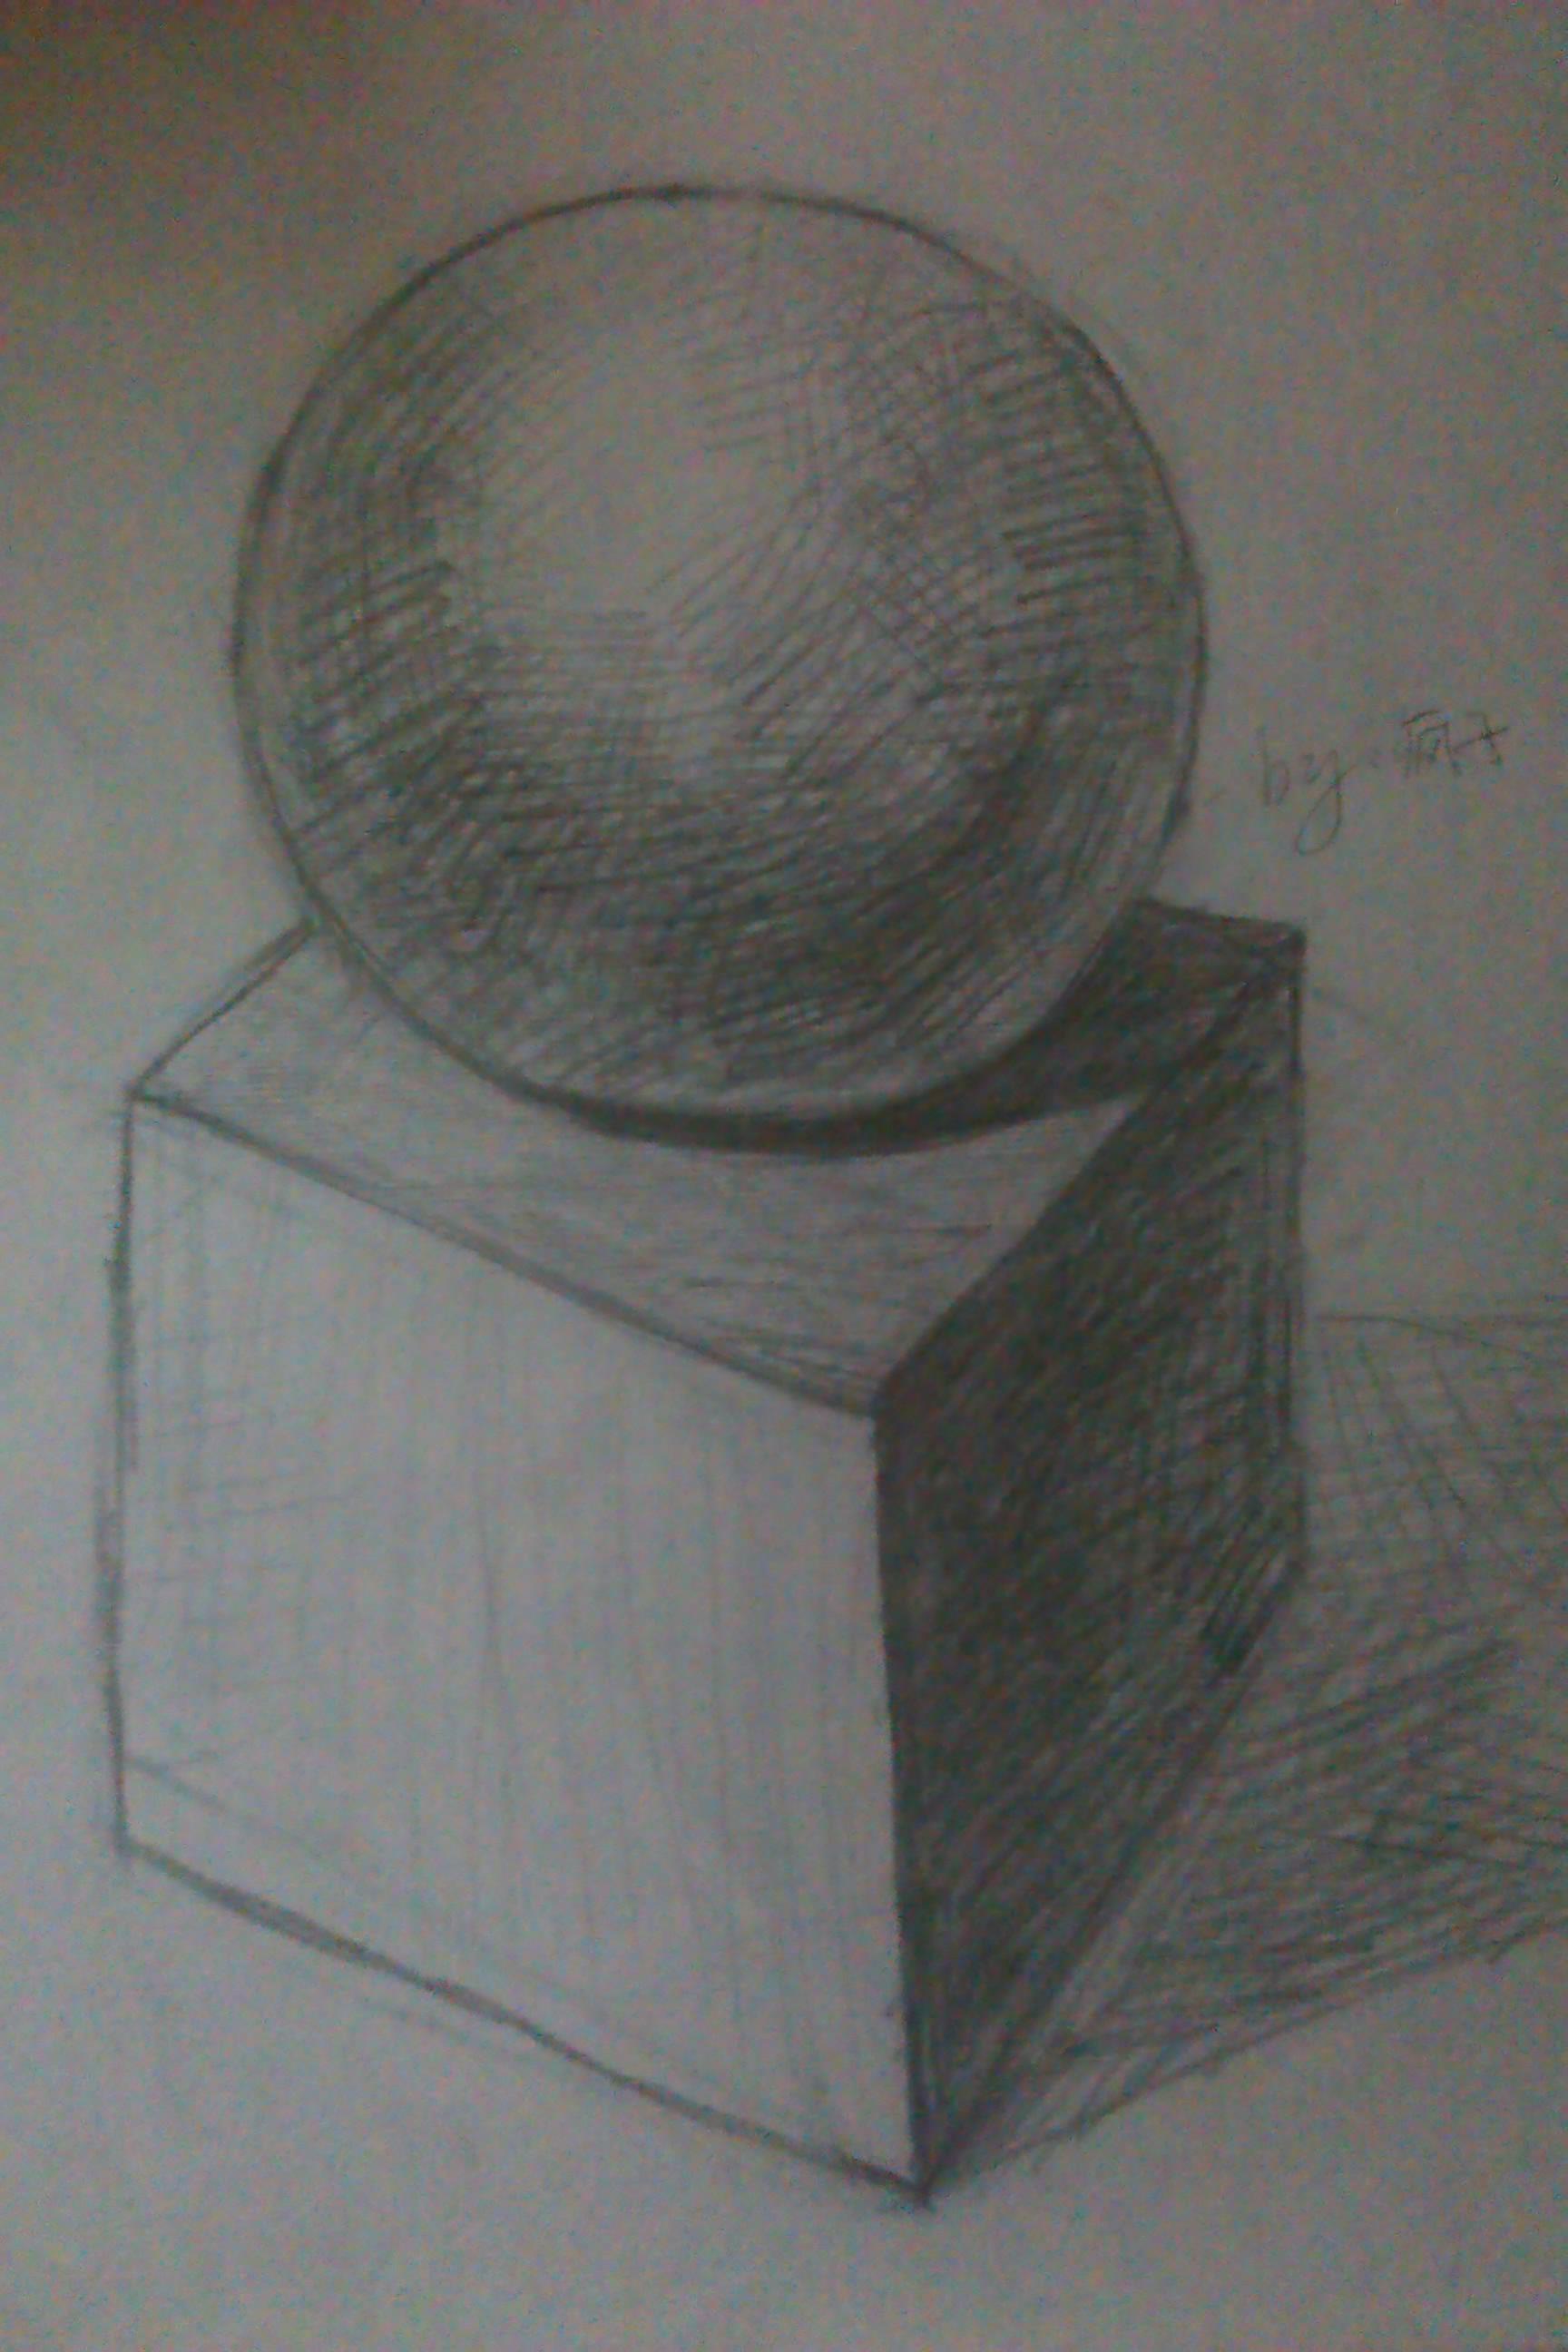 怎么说.那个正方体